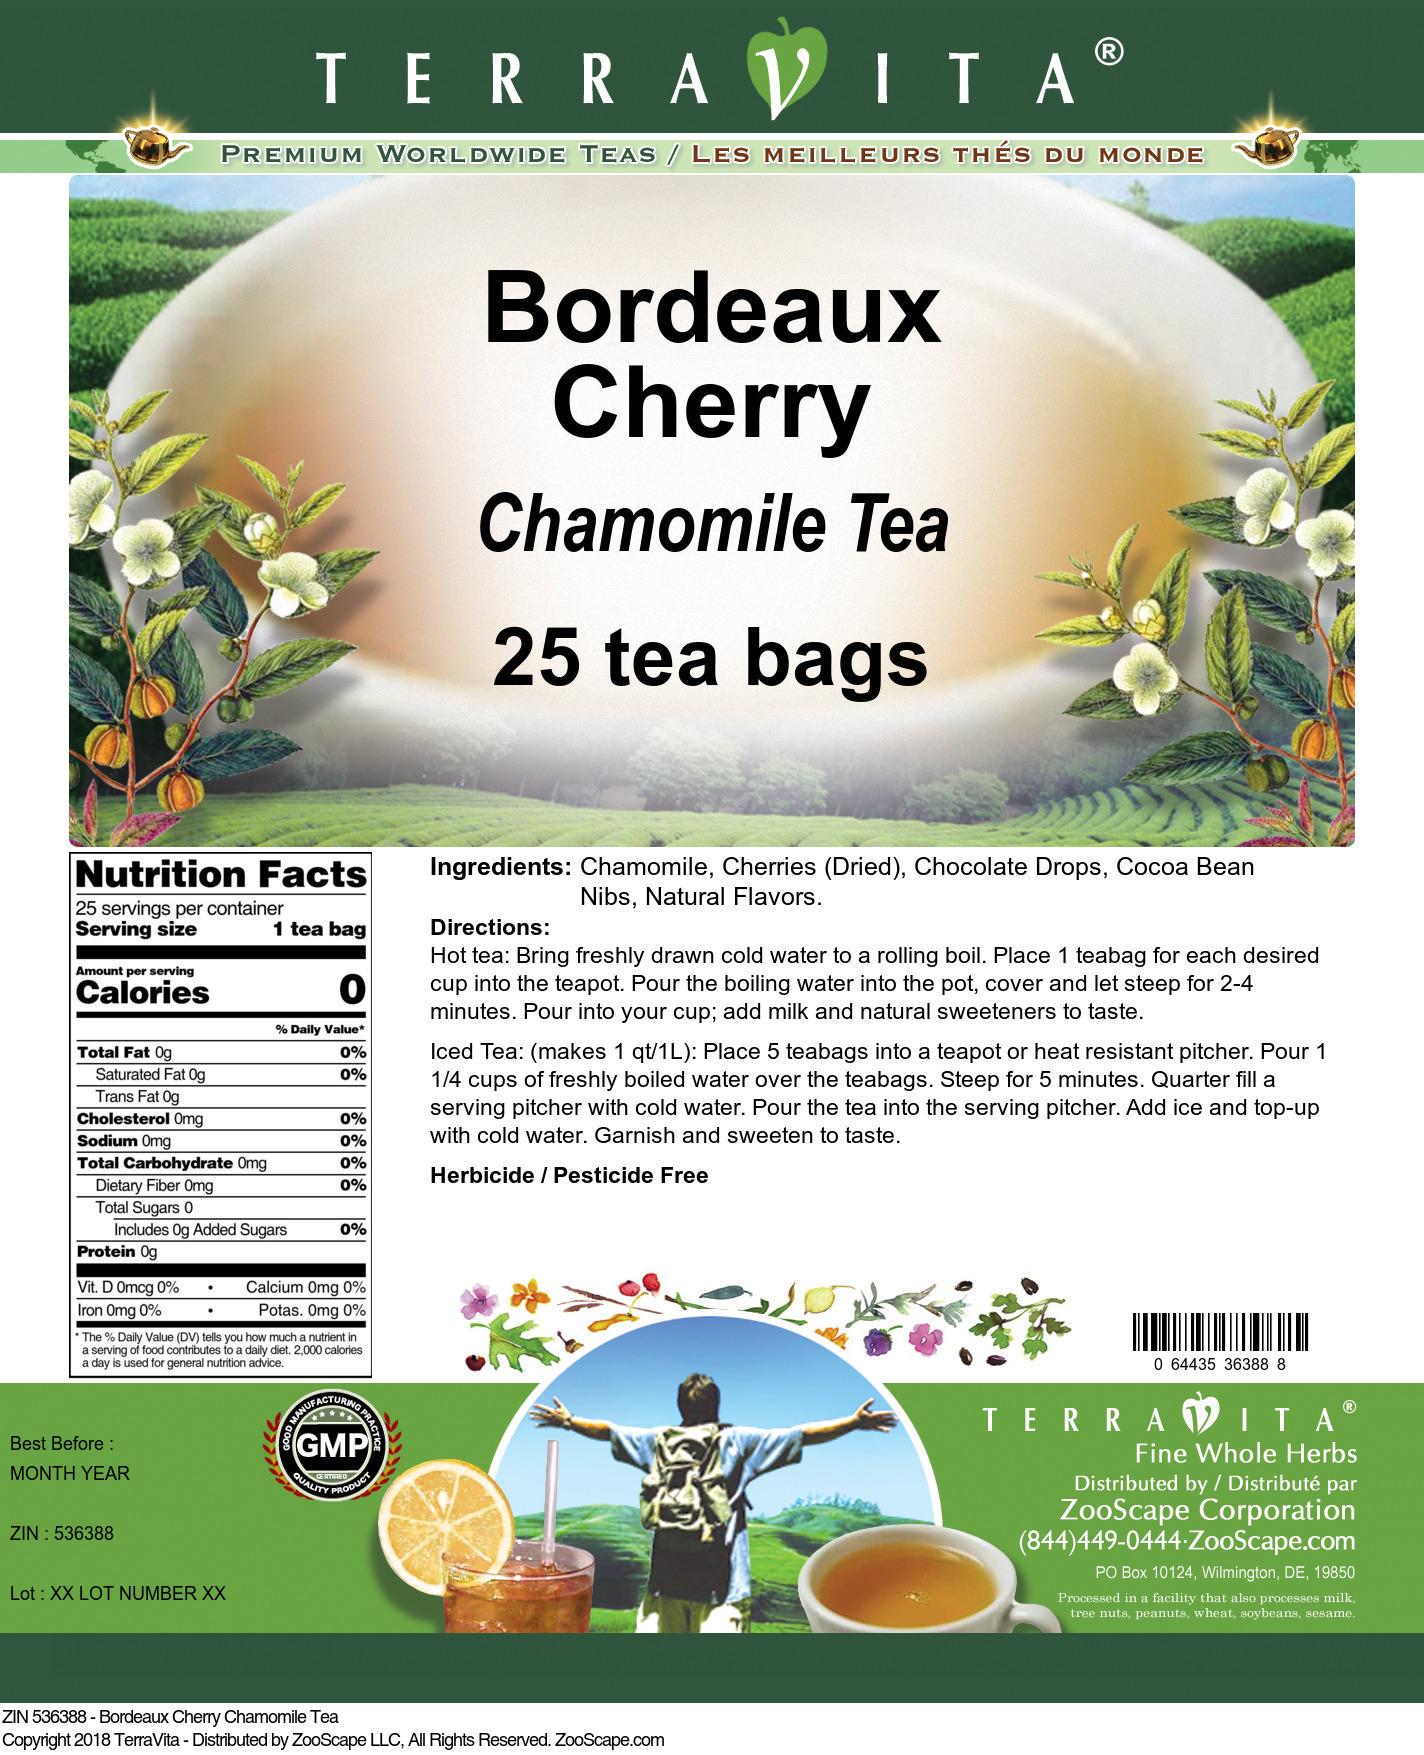 Bordeaux Cherry Chamomile Tea